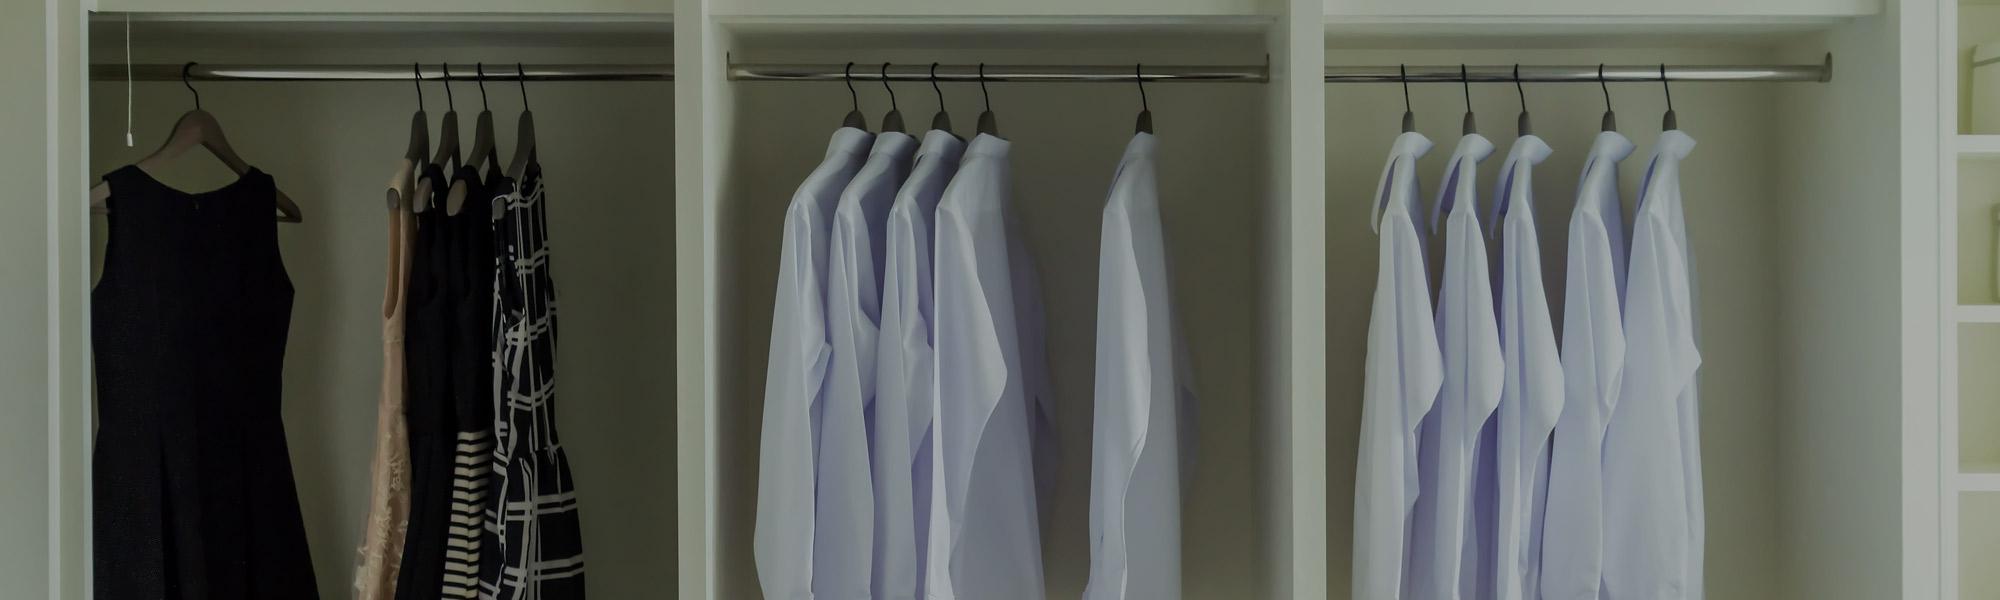 Closet Design Questions